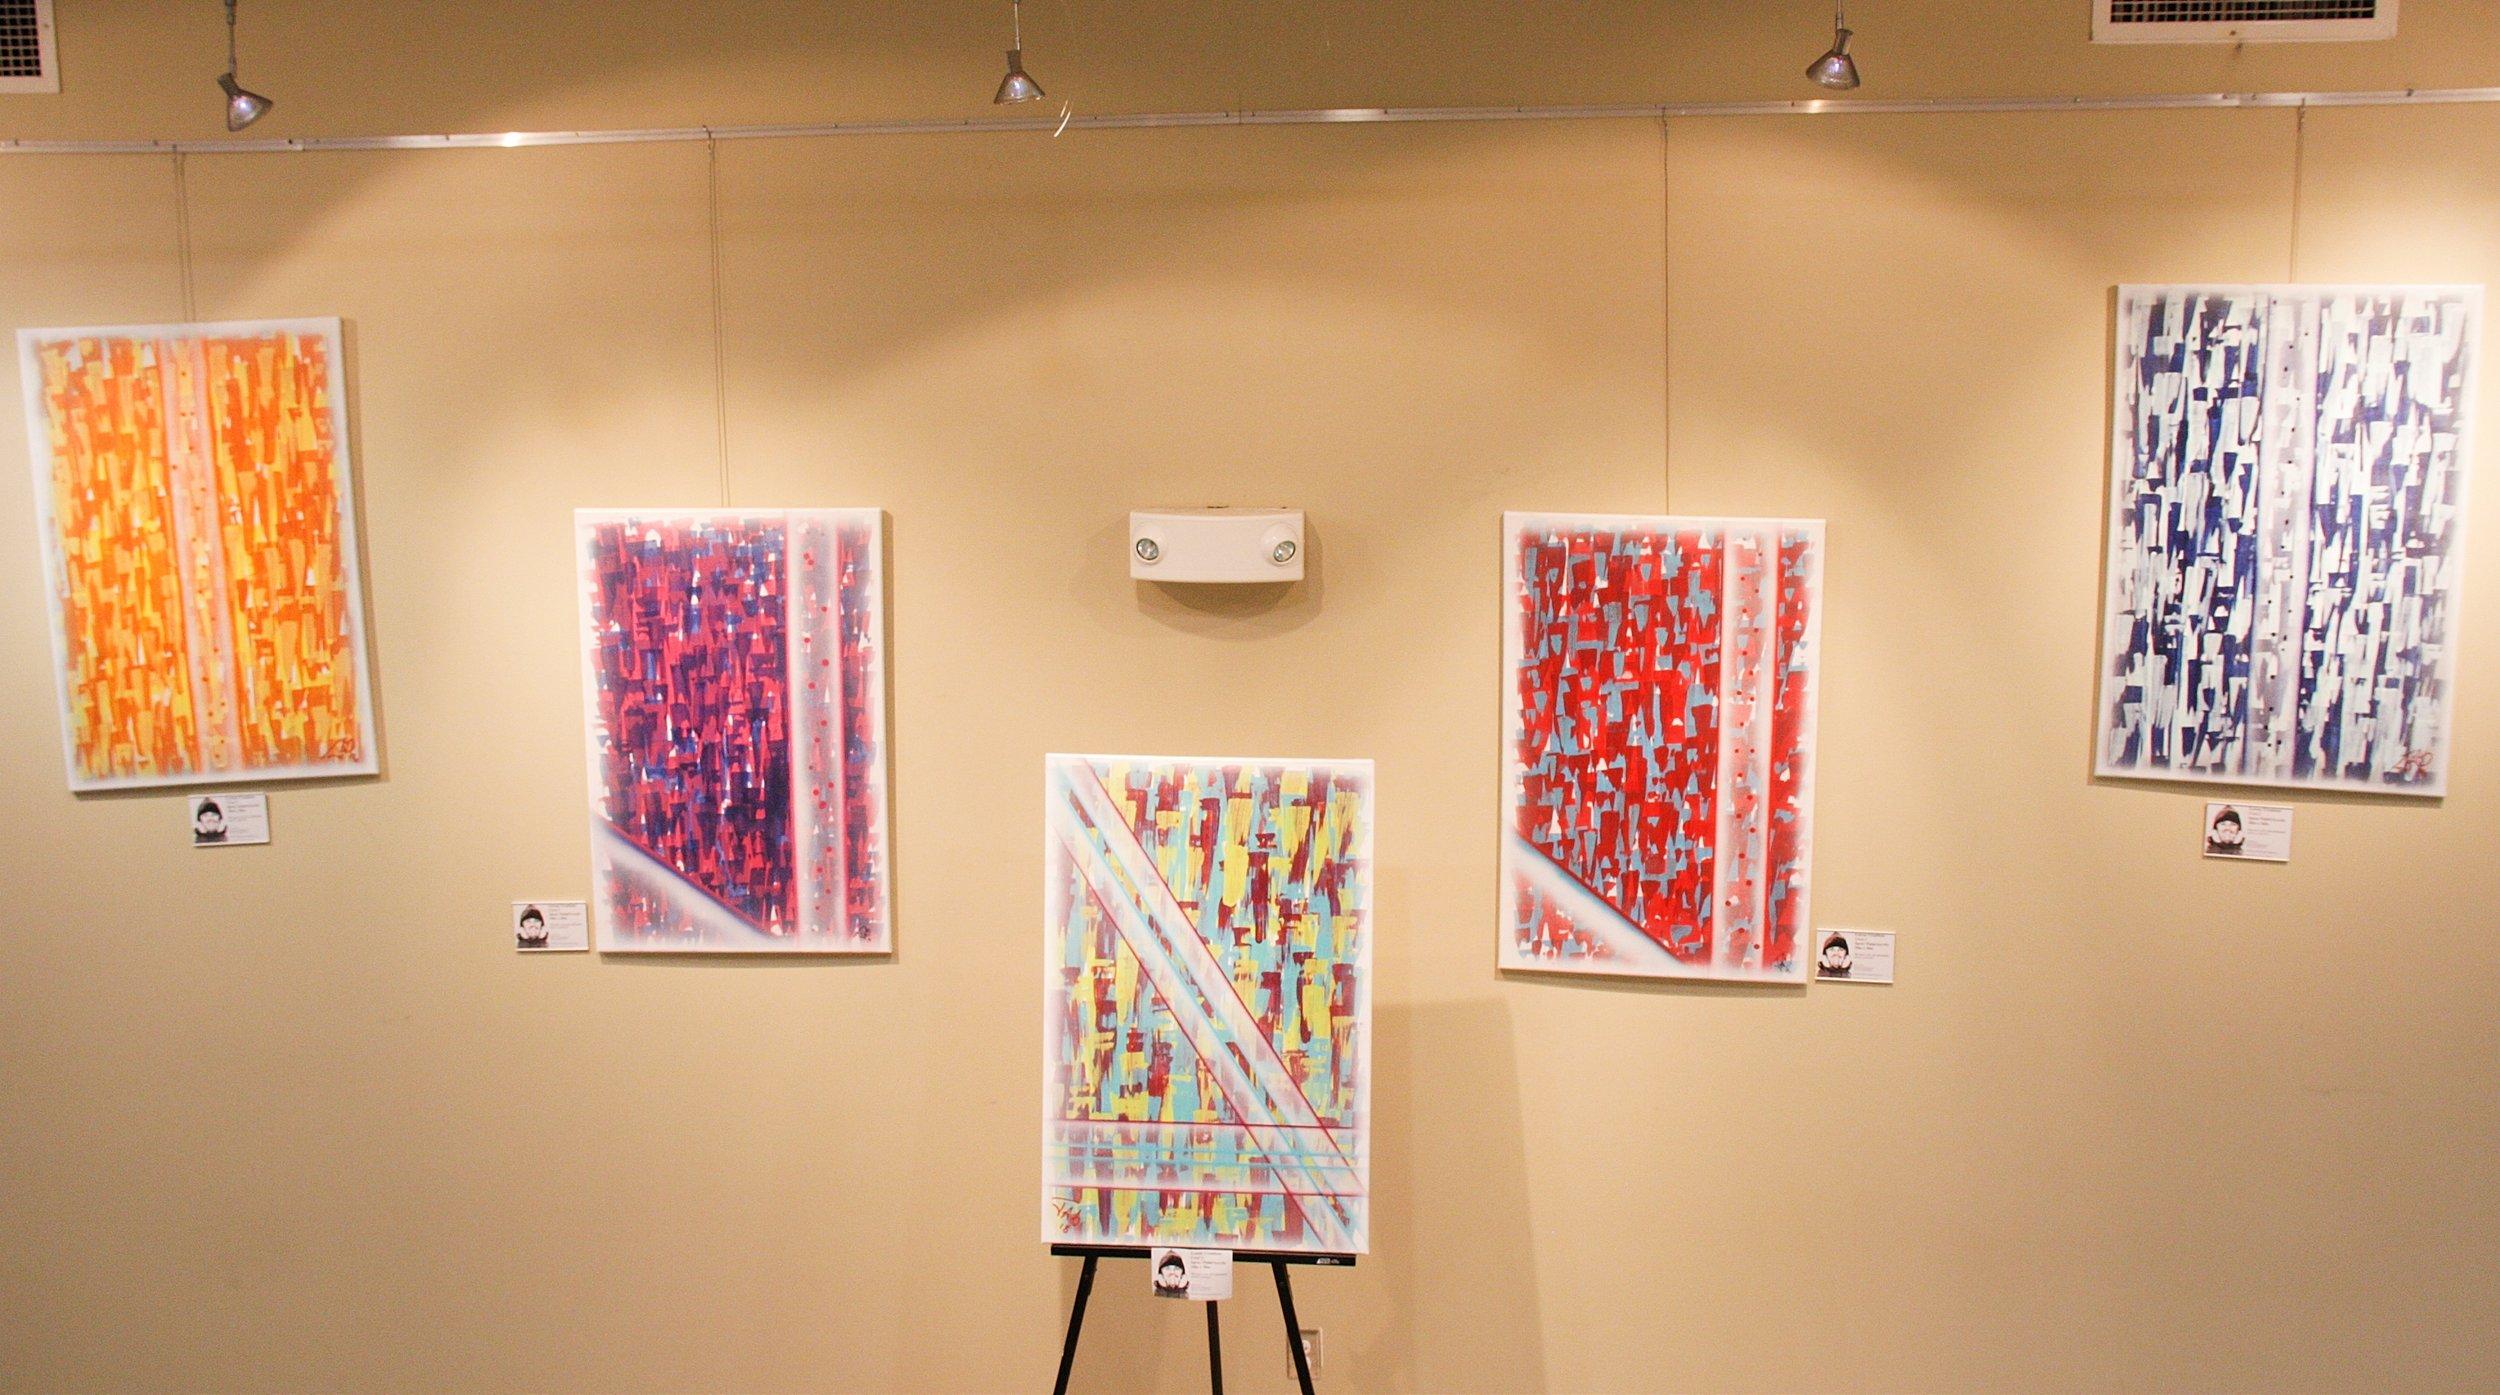 Loscar Creations art in situ 5.jpg